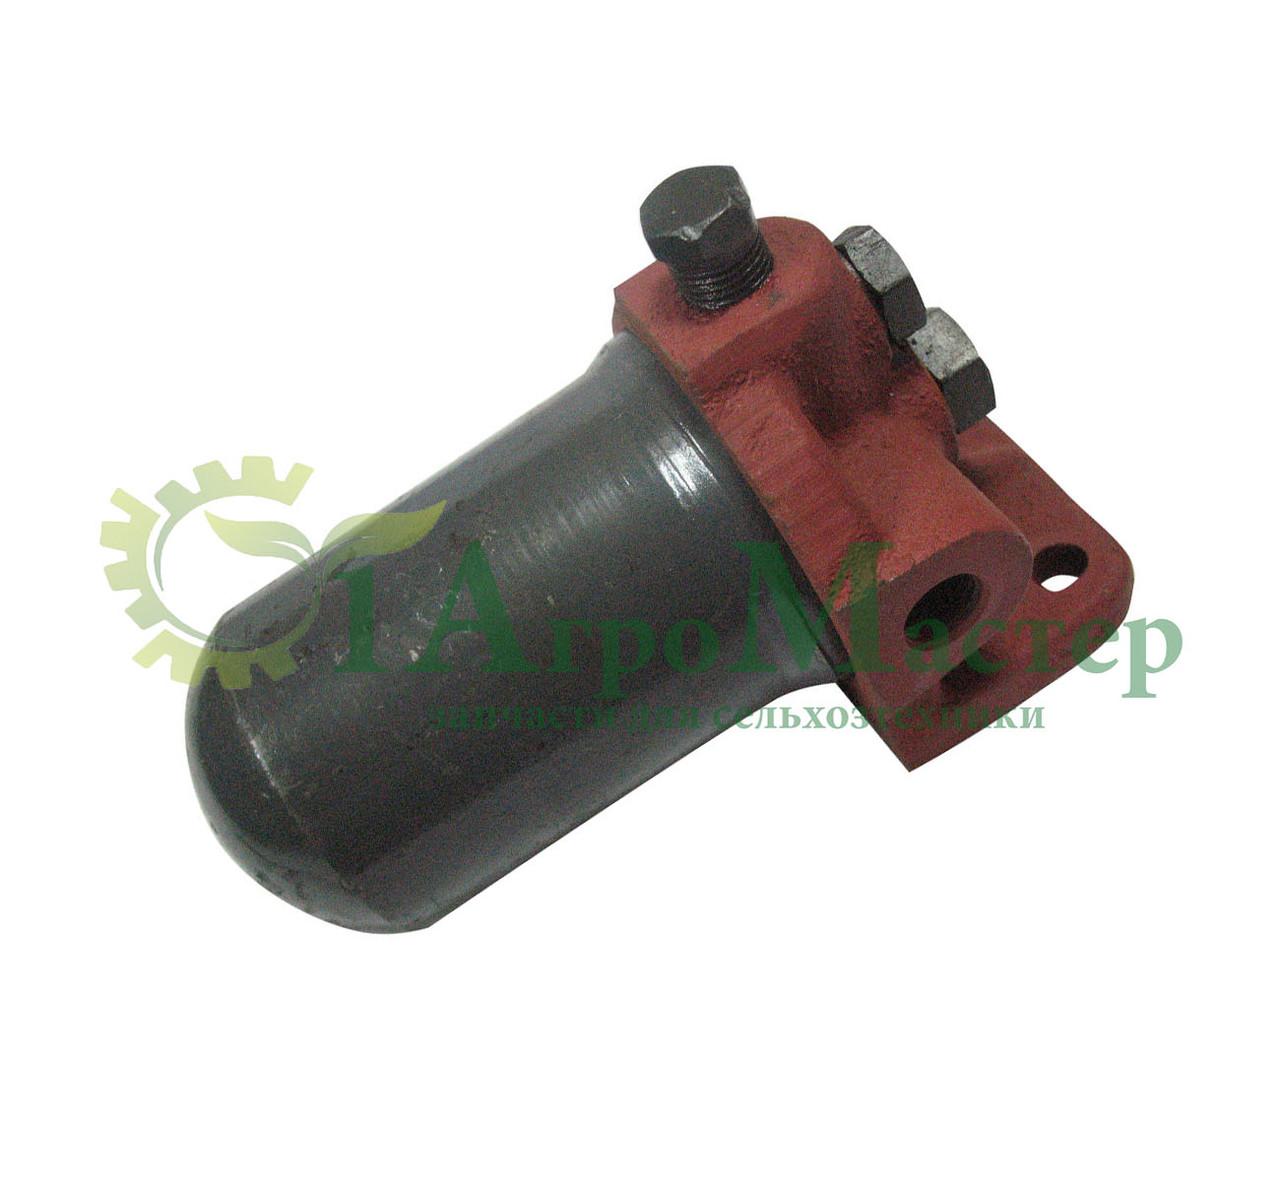 Фильтр масляный 17К-28с9А (СМД-18-22, СМД-60-62, Нива, Т-150) турбокомпрессора